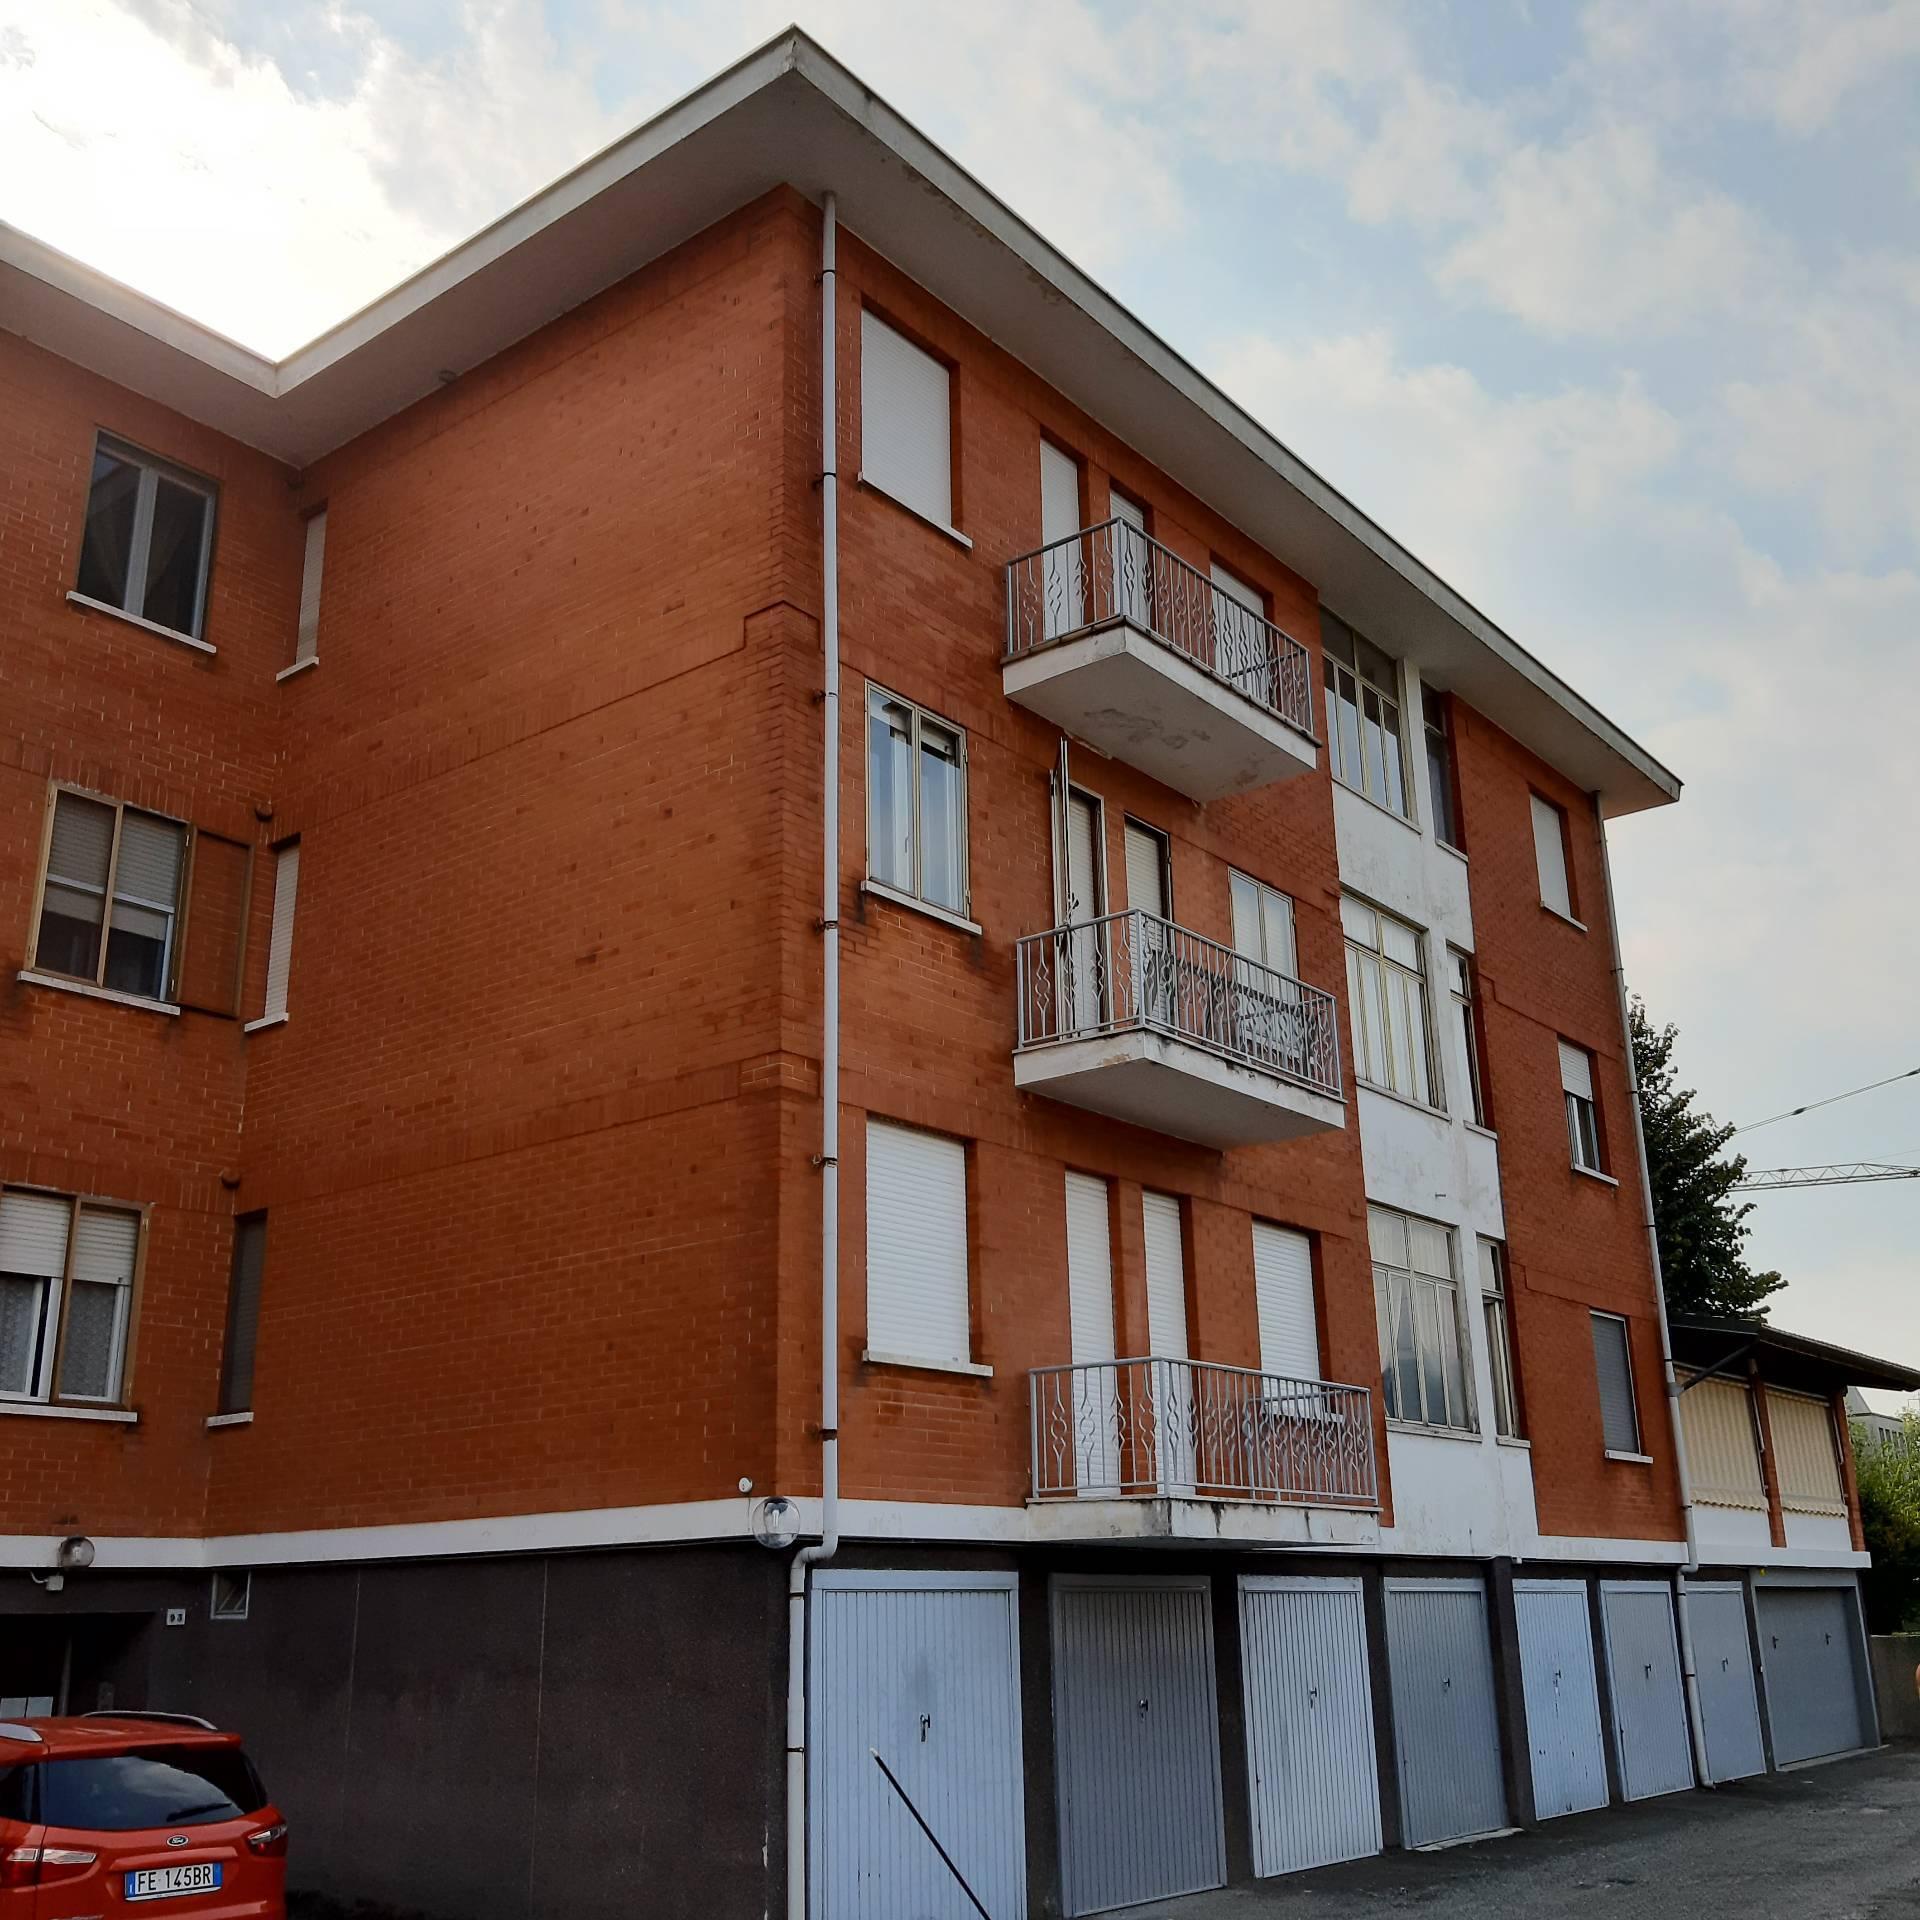 Appartamento in vendita a Mathi, 3 locali, prezzo € 94.000 | PortaleAgenzieImmobiliari.it